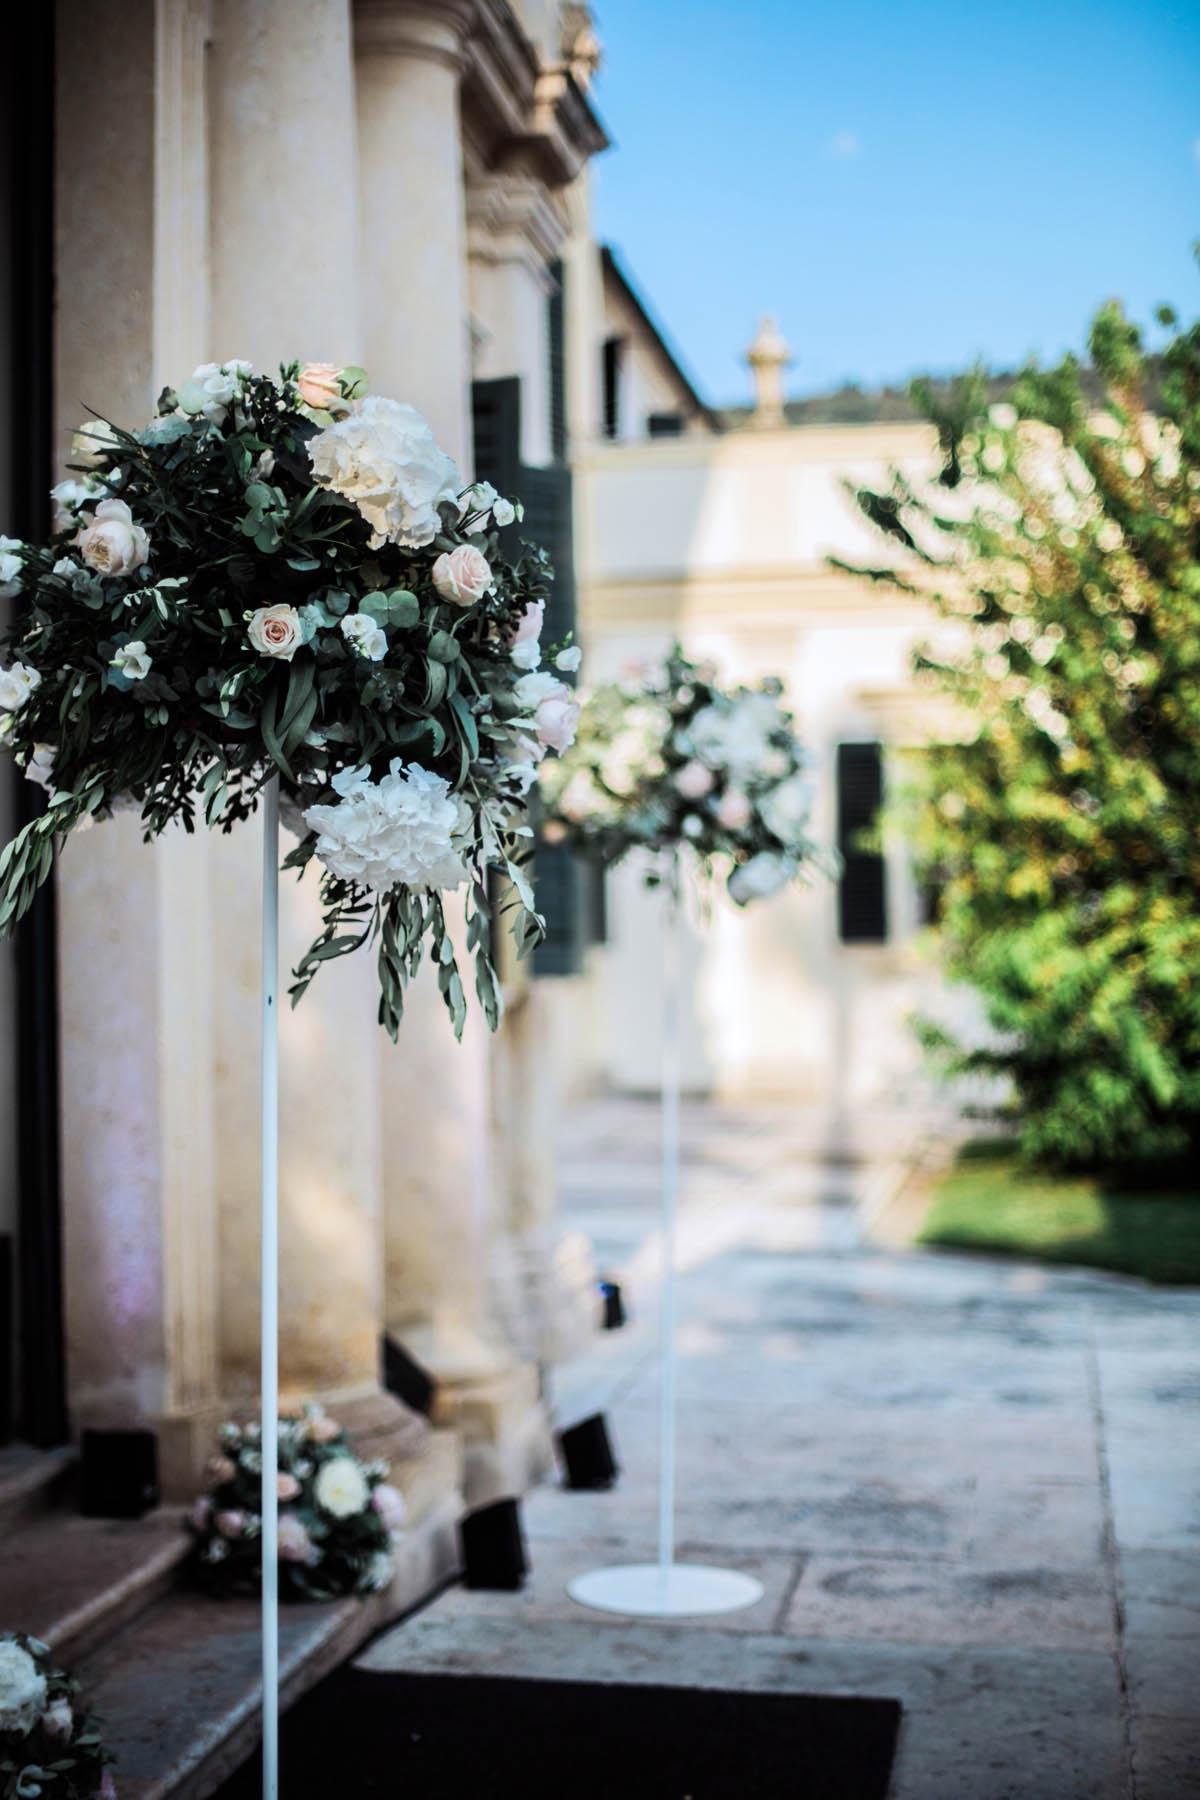 matrimonio vintage modern   the fashion wedding 23